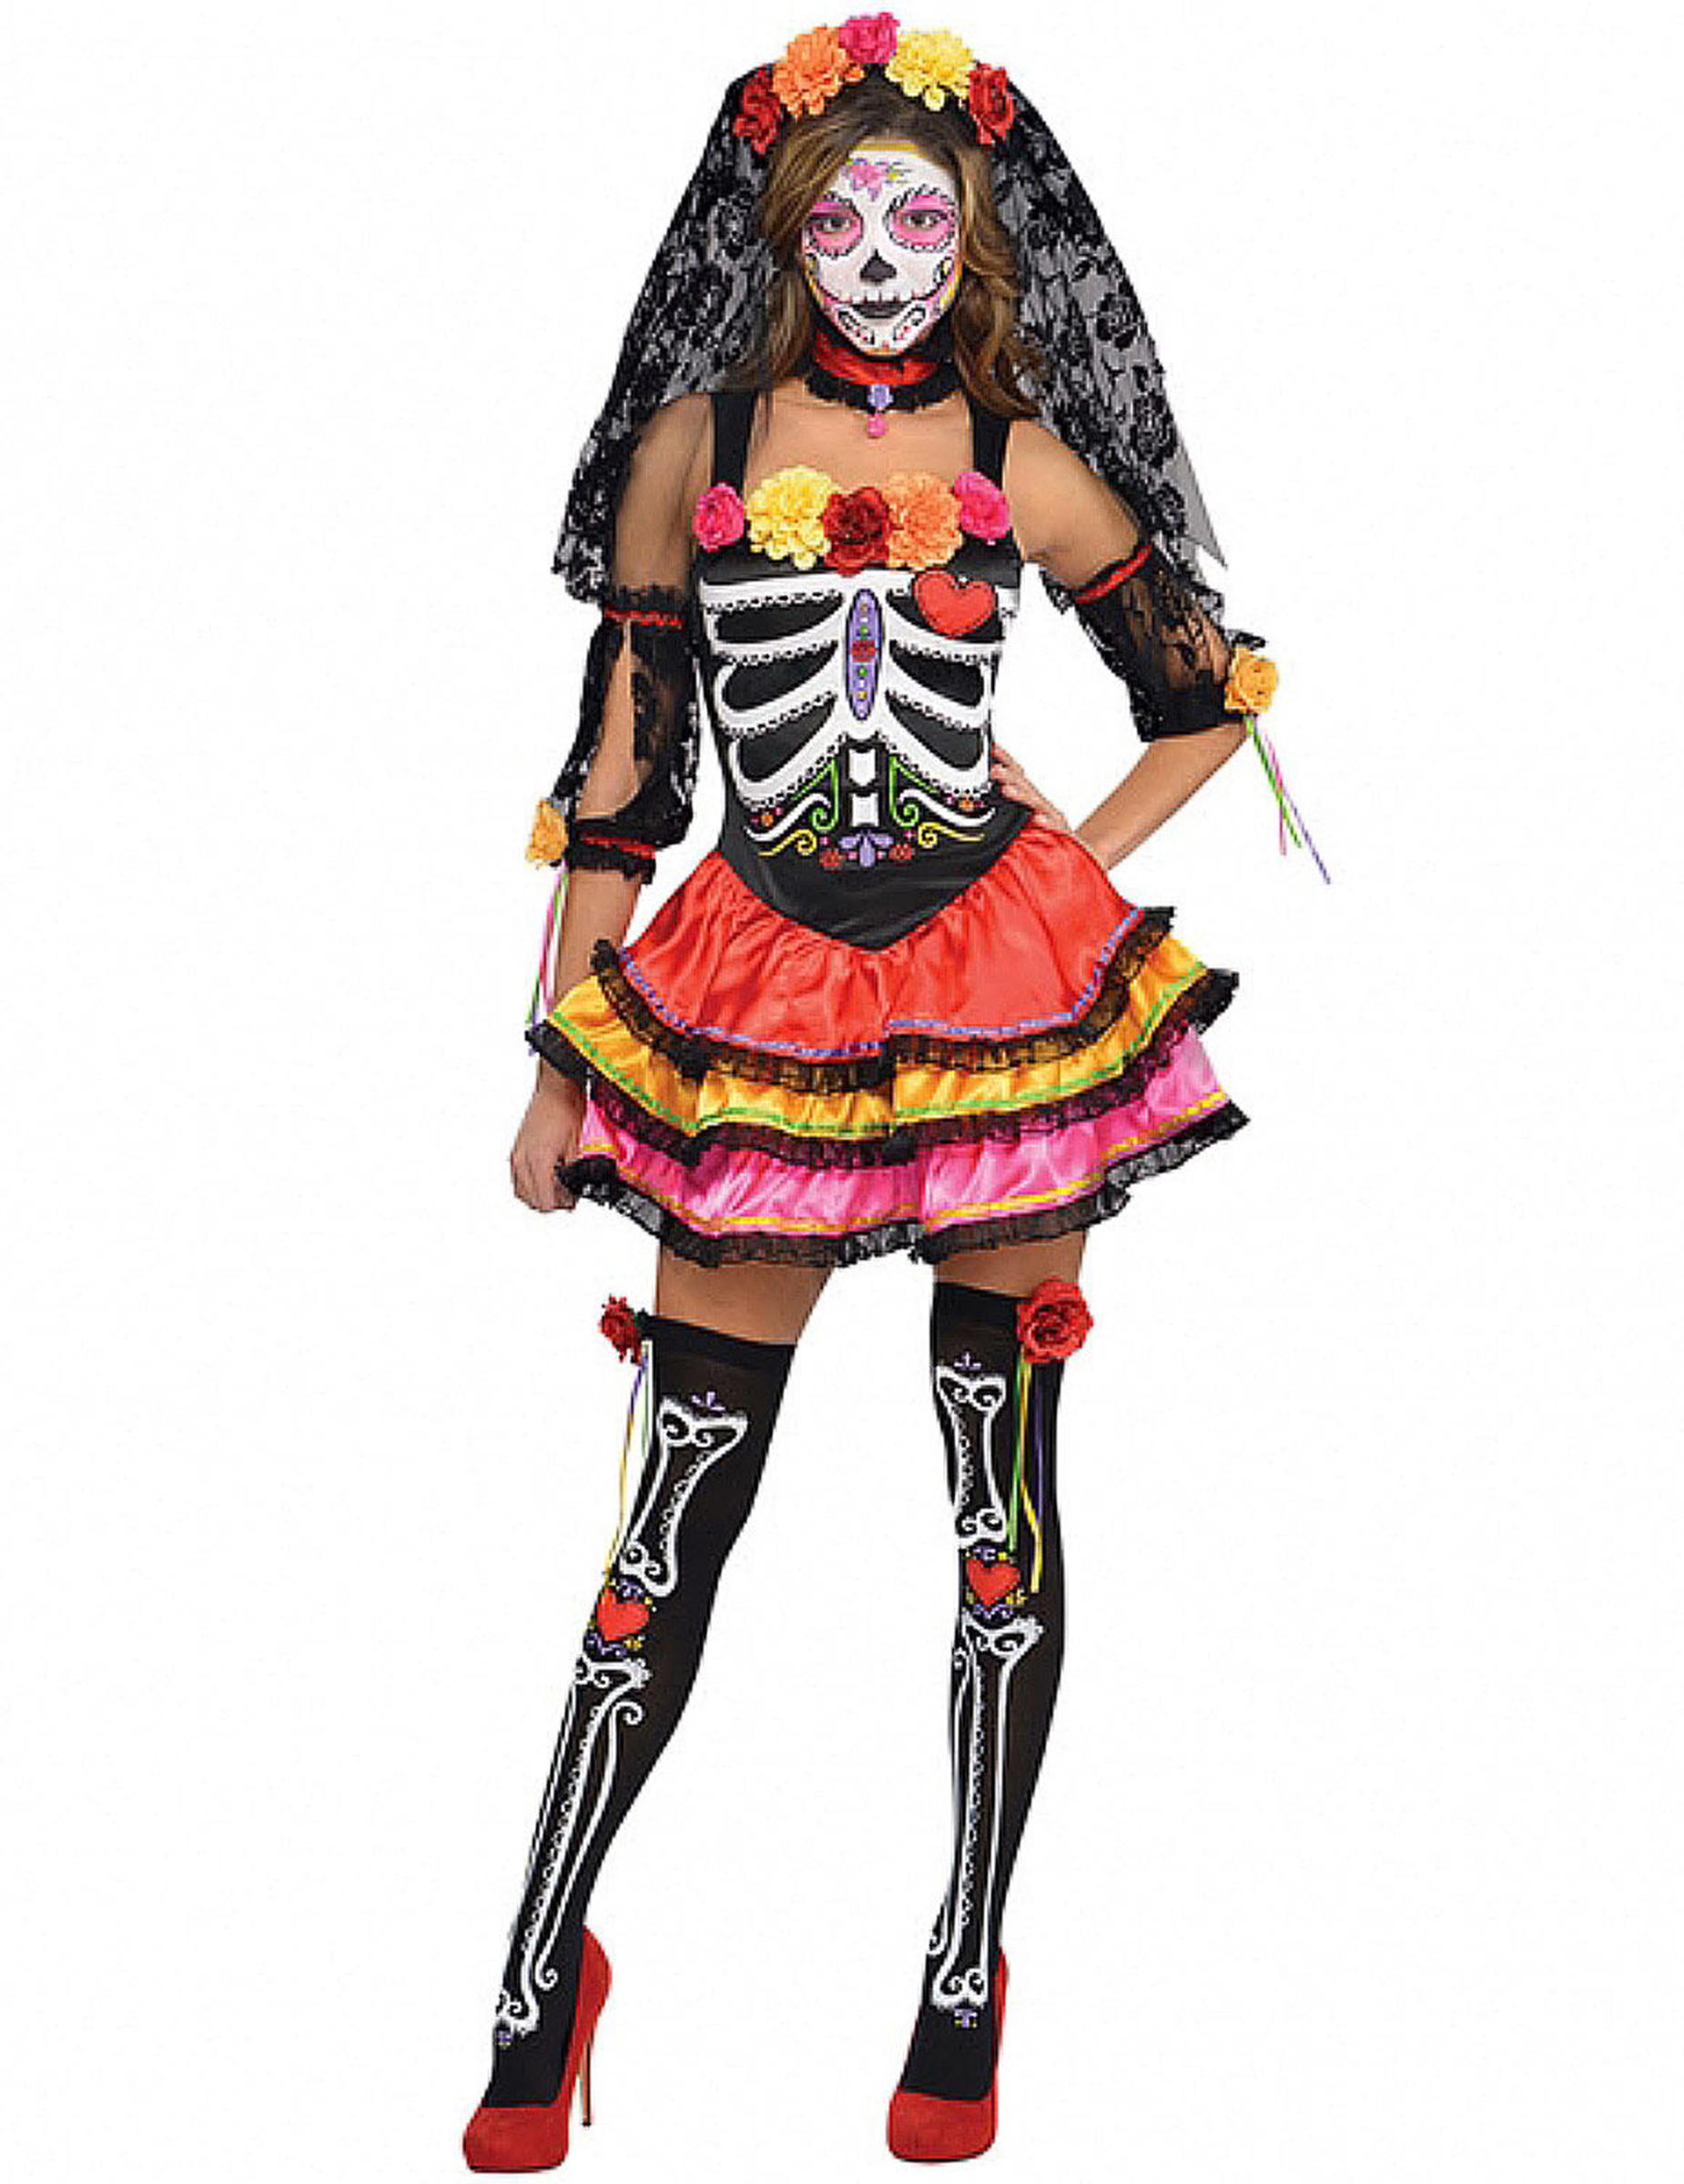 Halloween Kostüm Frauen Günstig ᐅ Gespenst Kostüm Selber Machen